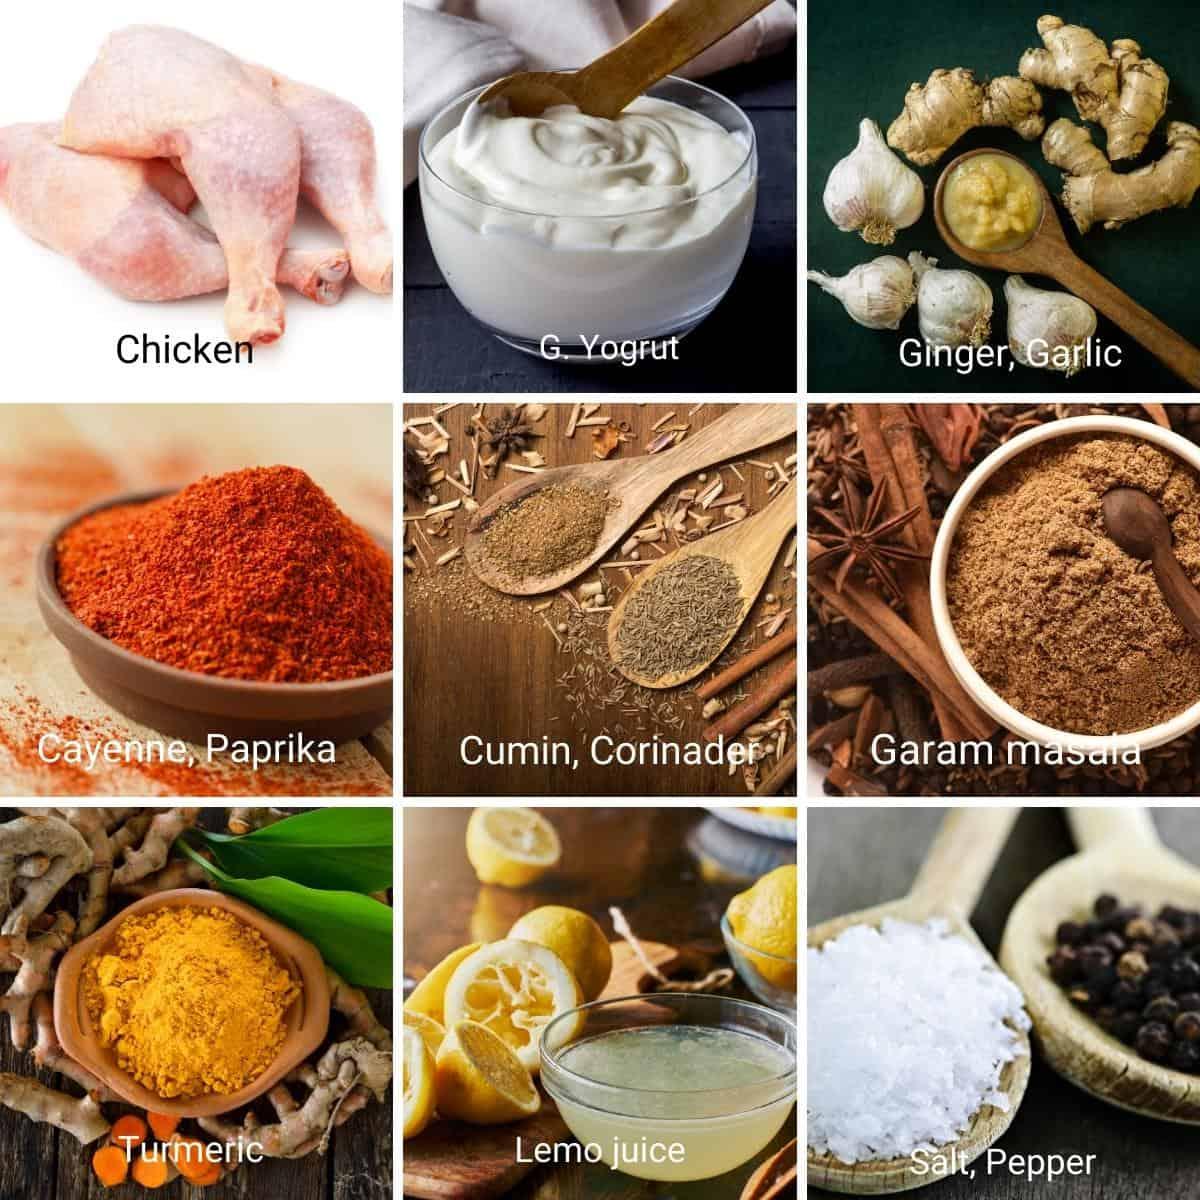 Ingredients shot collage for chicken tandoori.